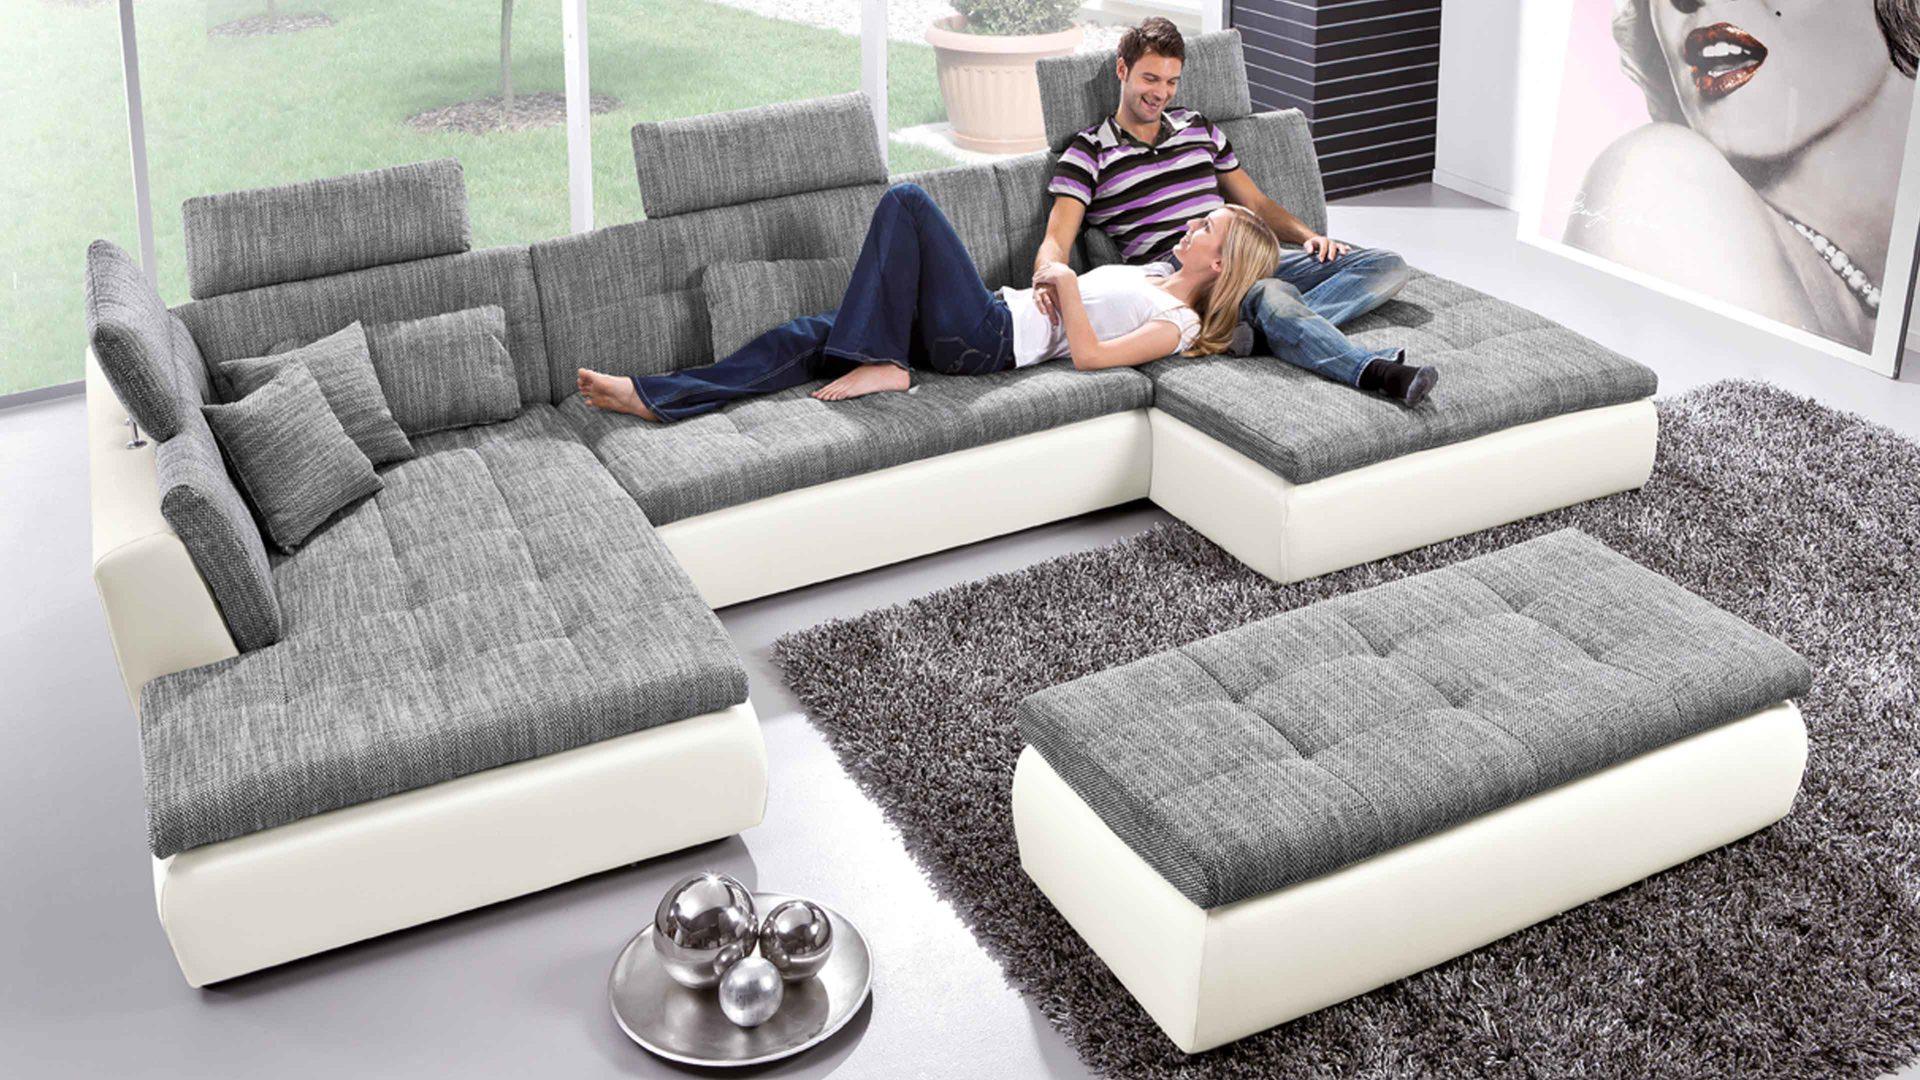 Sofa modern stoff grau  Eckcouch Modern Stoff | daredevz.com